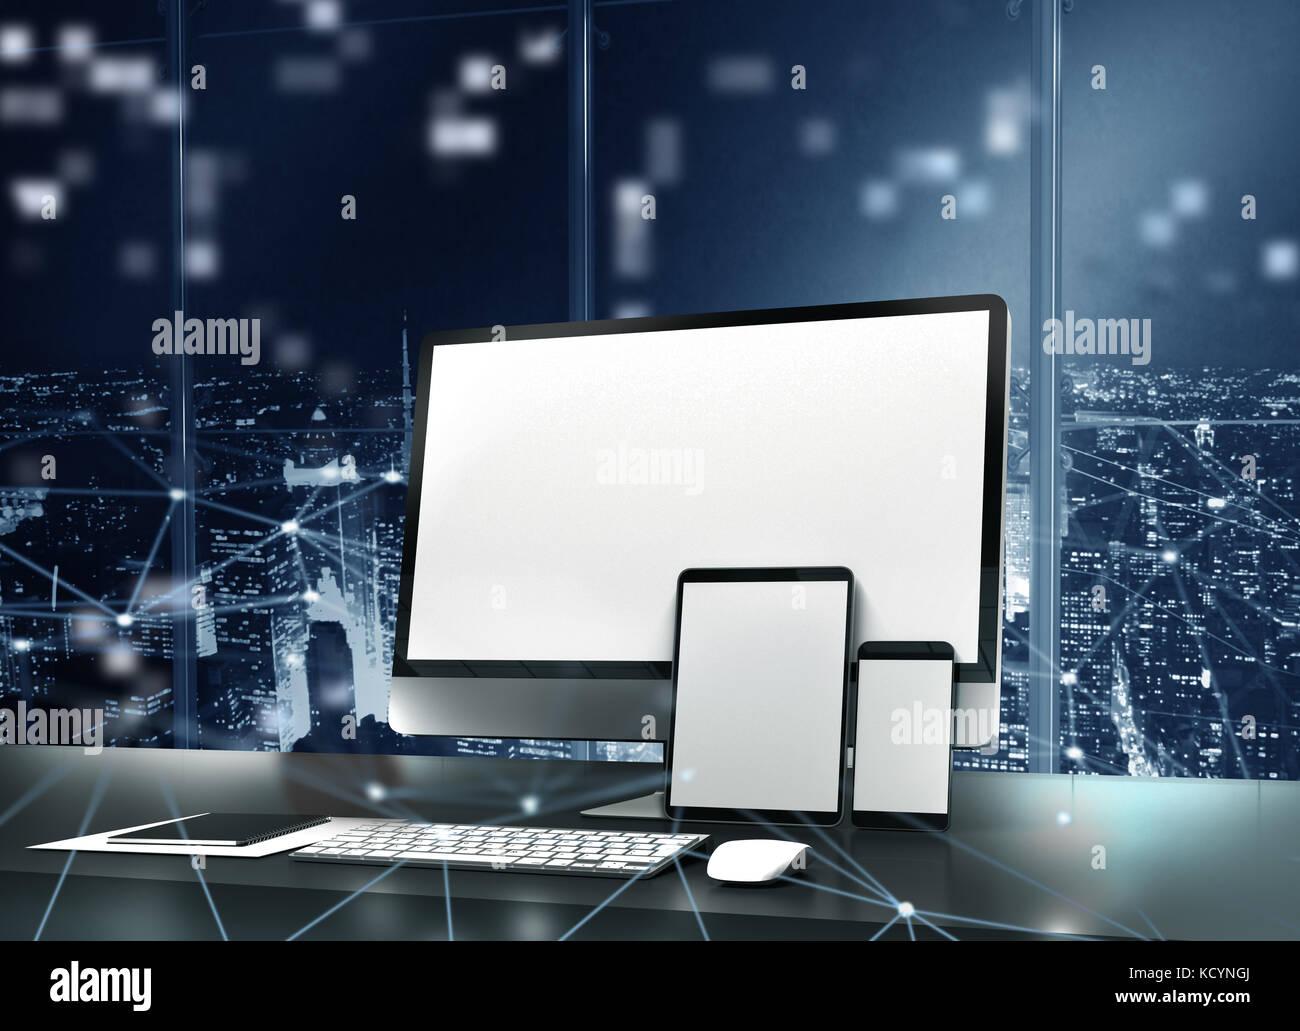 Computer, tablet e smartpone connesso a internet. Concetto della rete internet Immagini Stock